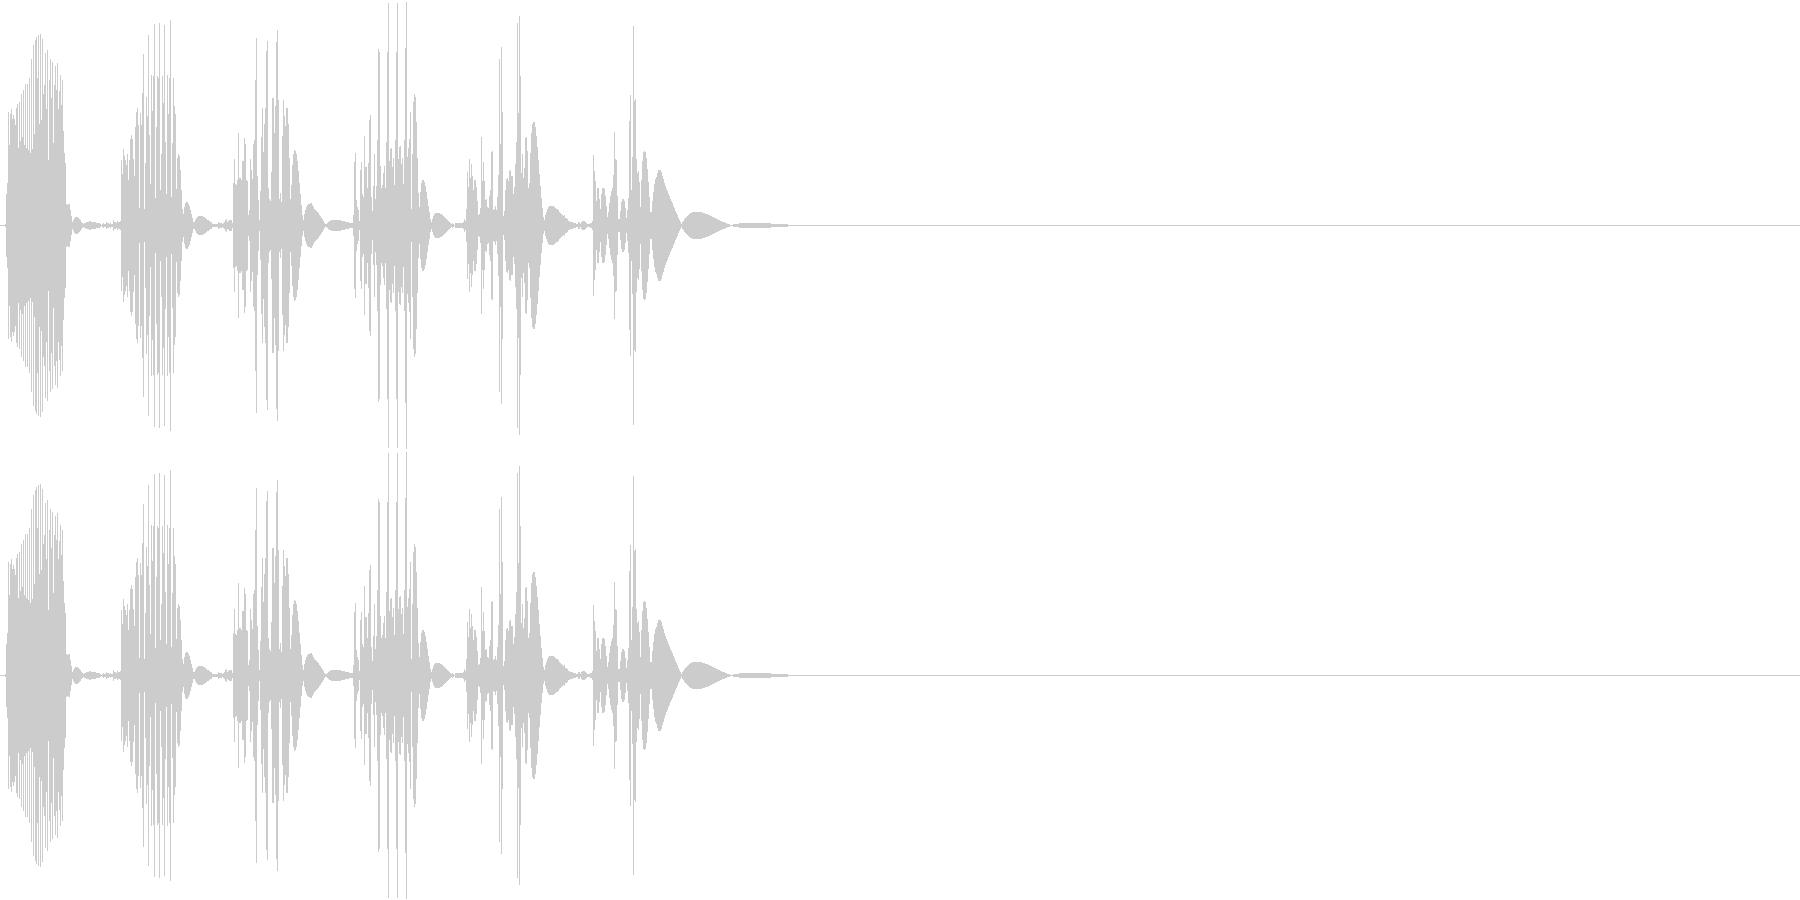 【ポコッ】ファミコン系 敵を倒す音_01の未再生の波形